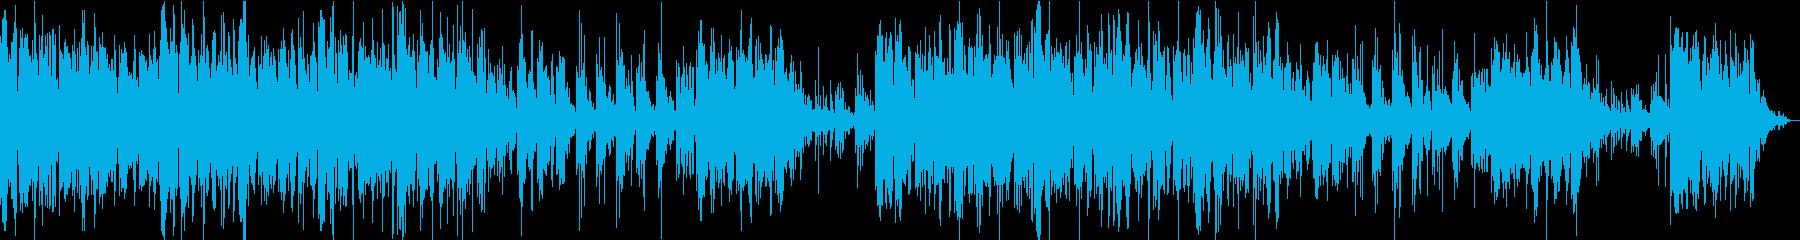 無になれるBGM・瞑想・ヨガ…ループ可能の再生済みの波形